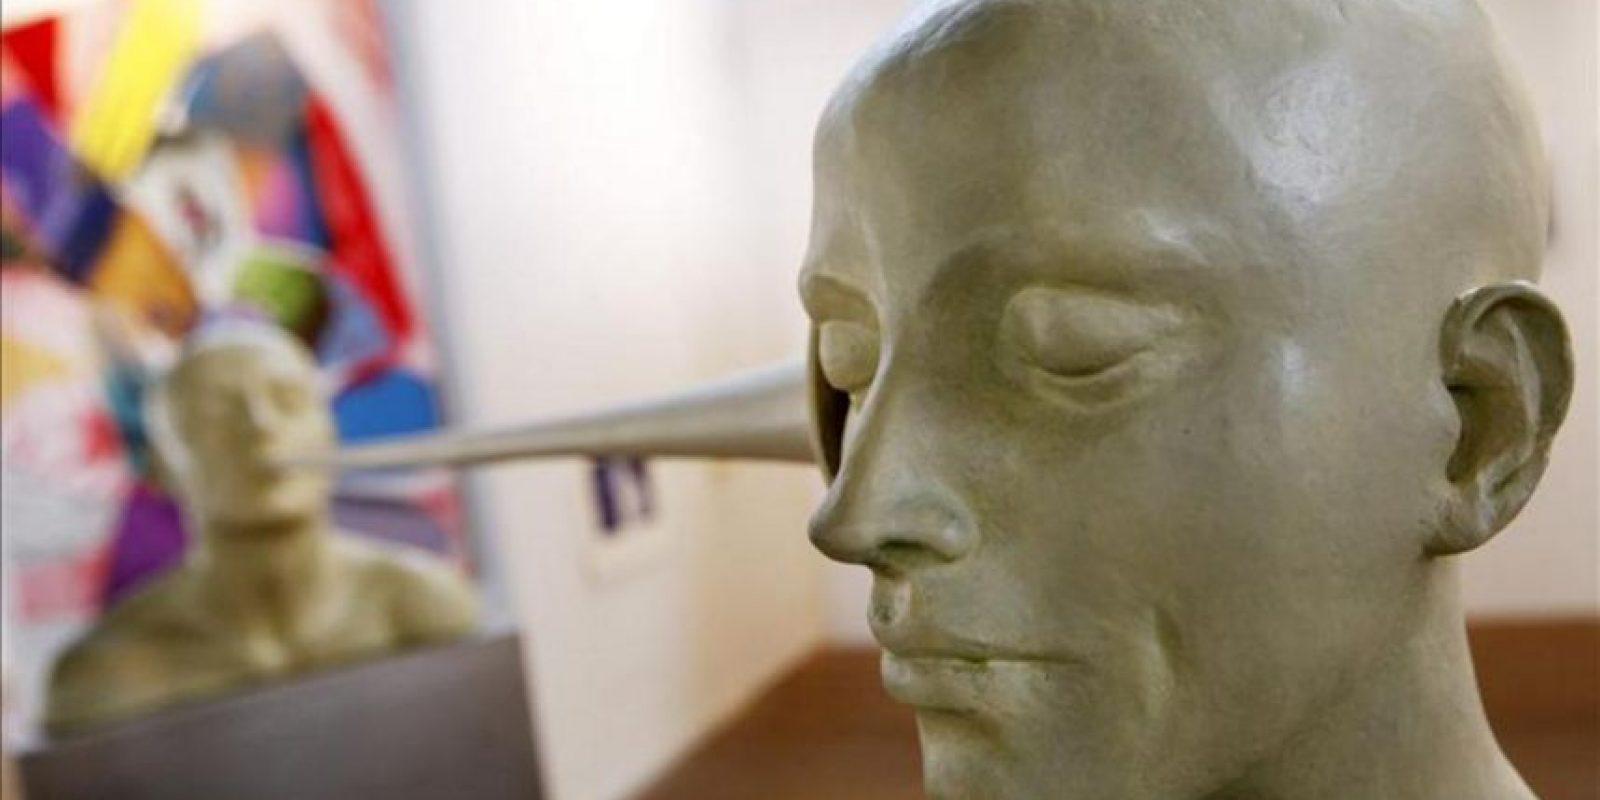 """Detalle de la obra """"Persuasión"""" de la artista Aurora Cañero, que está siendo exhibida en la quinta versión de la Feria Chilena de Arte Contemporáneo (Ch.ACO) en la Estación Cultural Mapocho, en Santiago de Chile (Chile). EFE"""